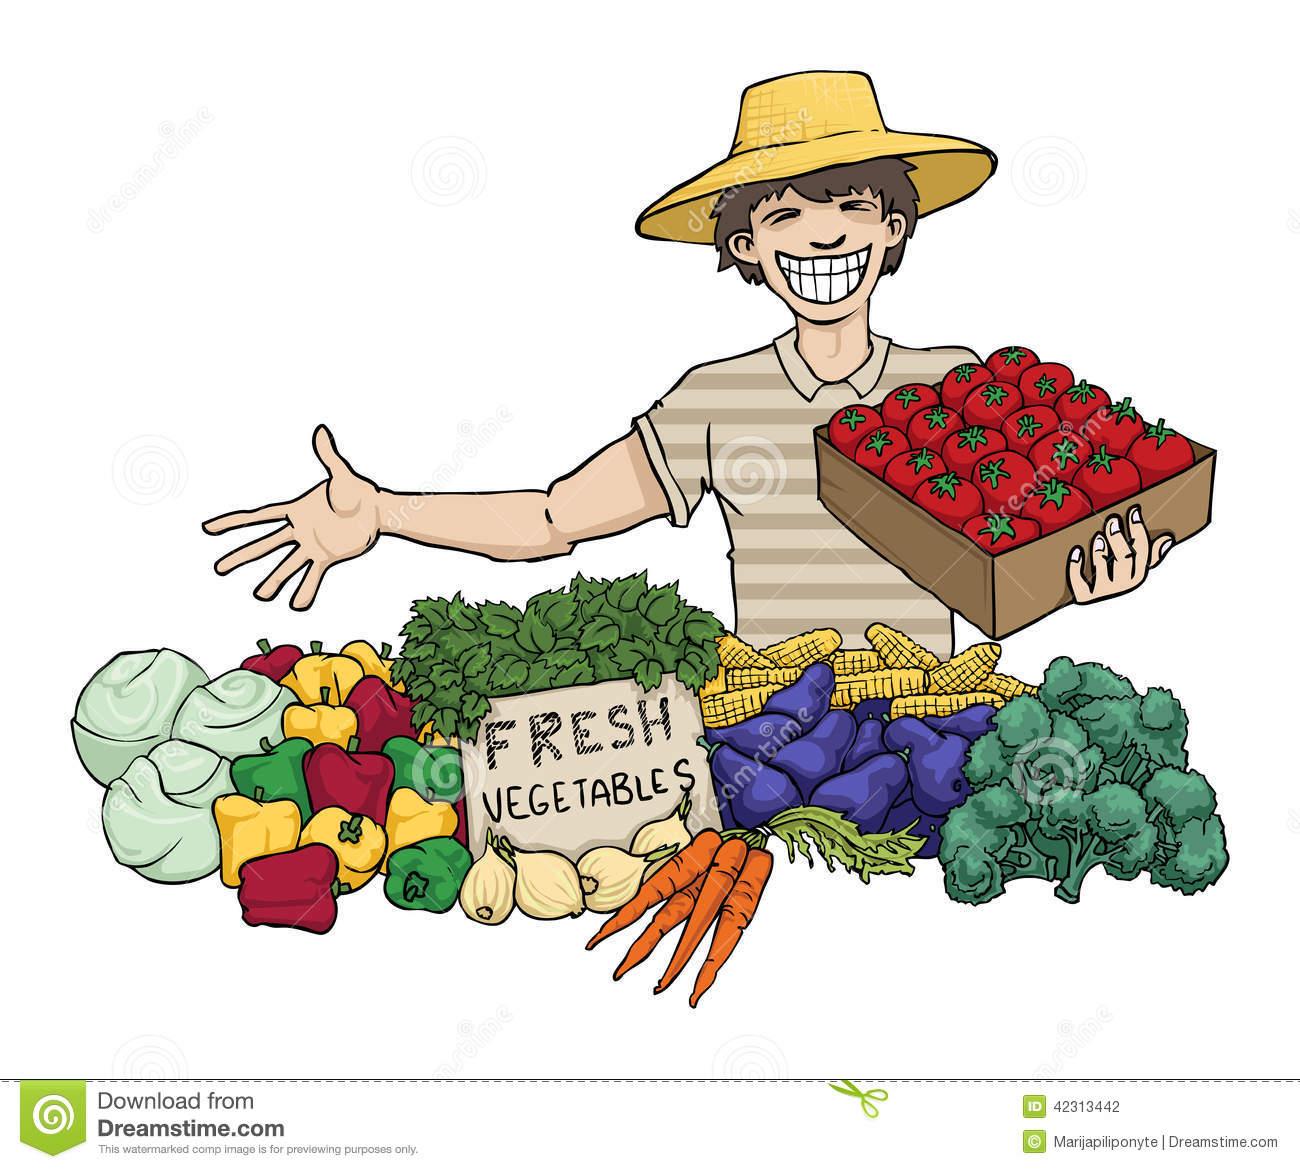 Vegetables Seller Clipart.